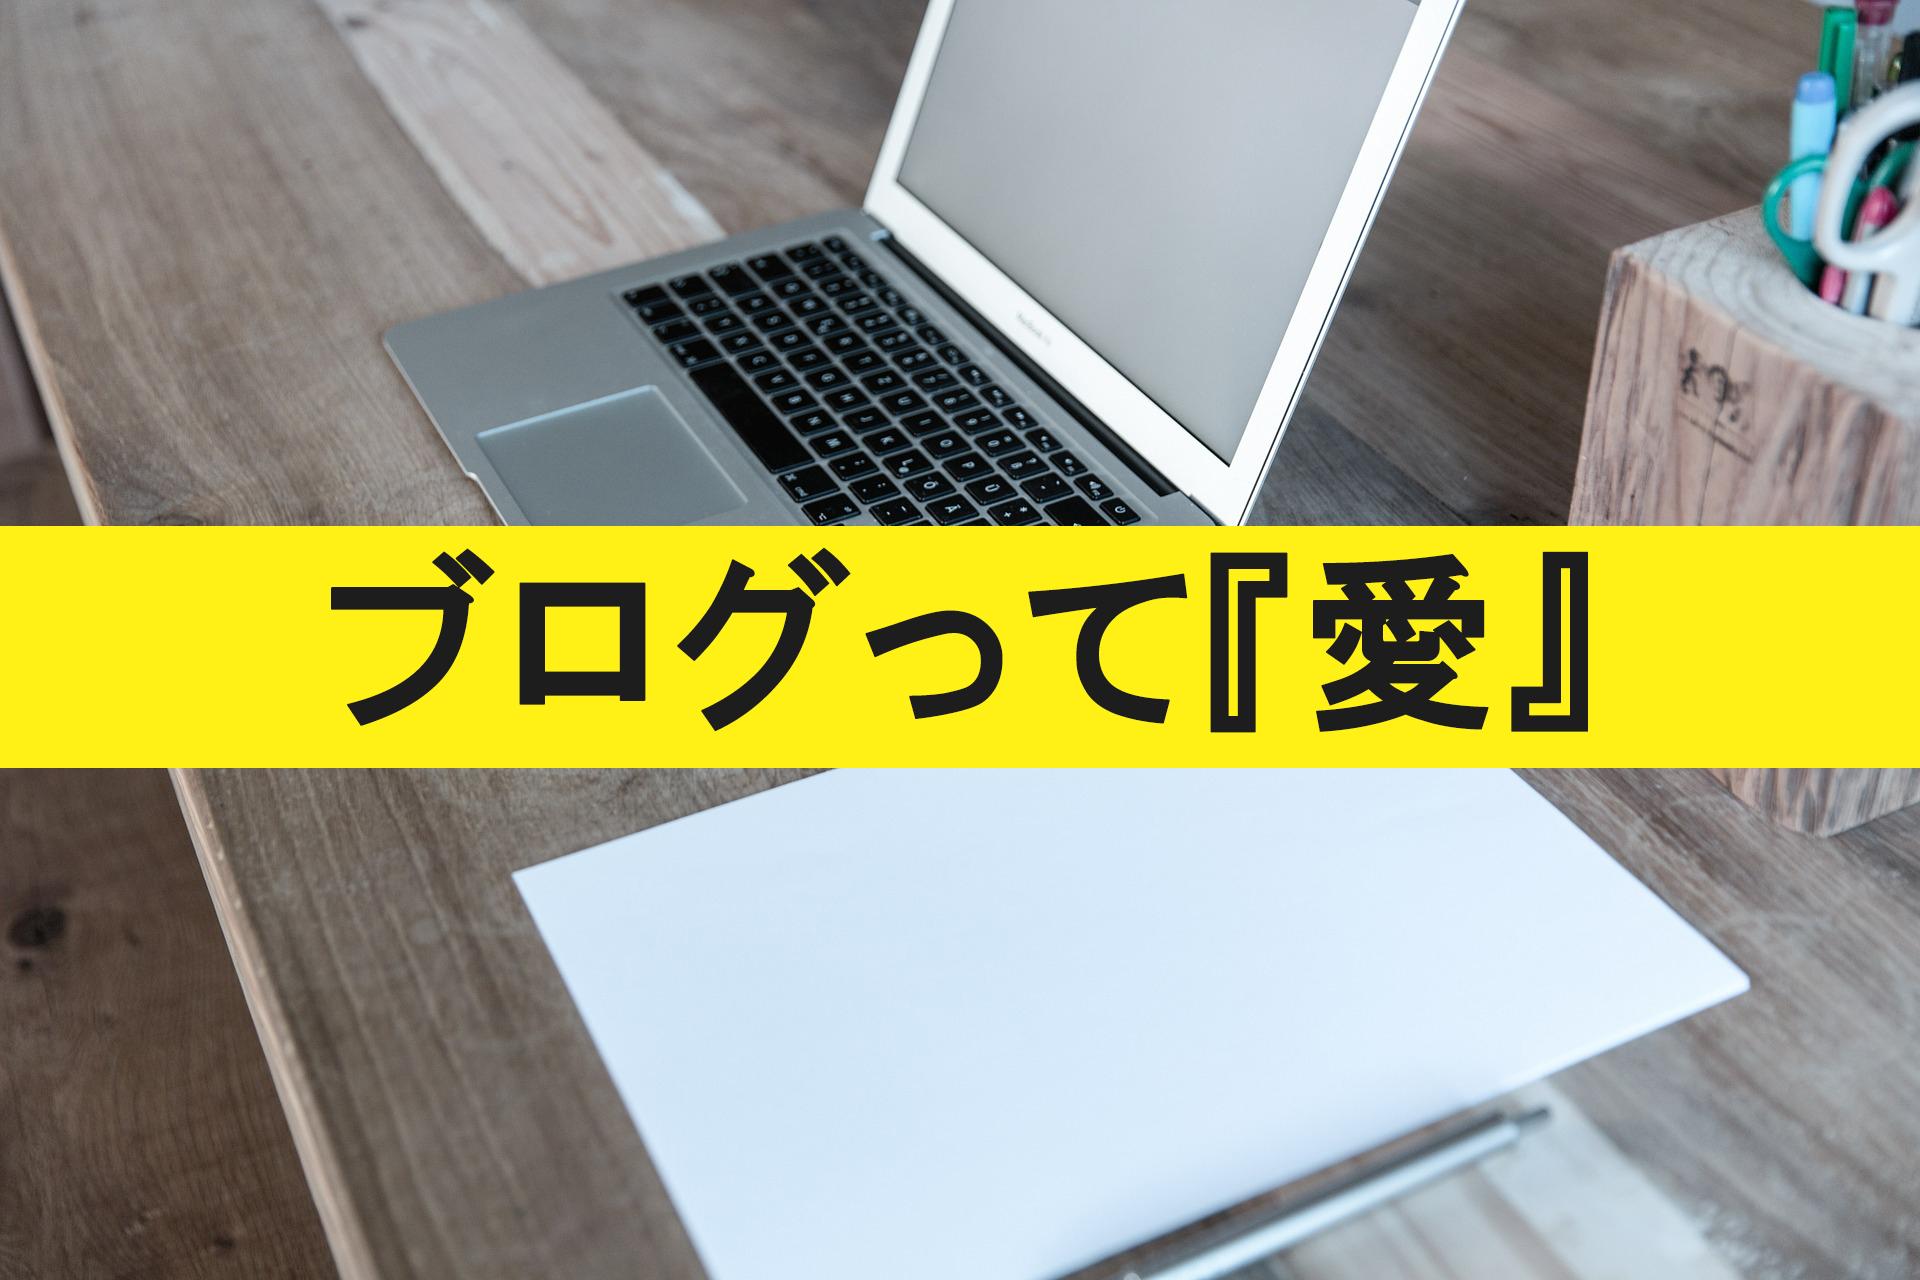 『ブログ愛をあなたにも』JUNICHI×落合正和ブログ運営ディスカッションセミナーのレビュー